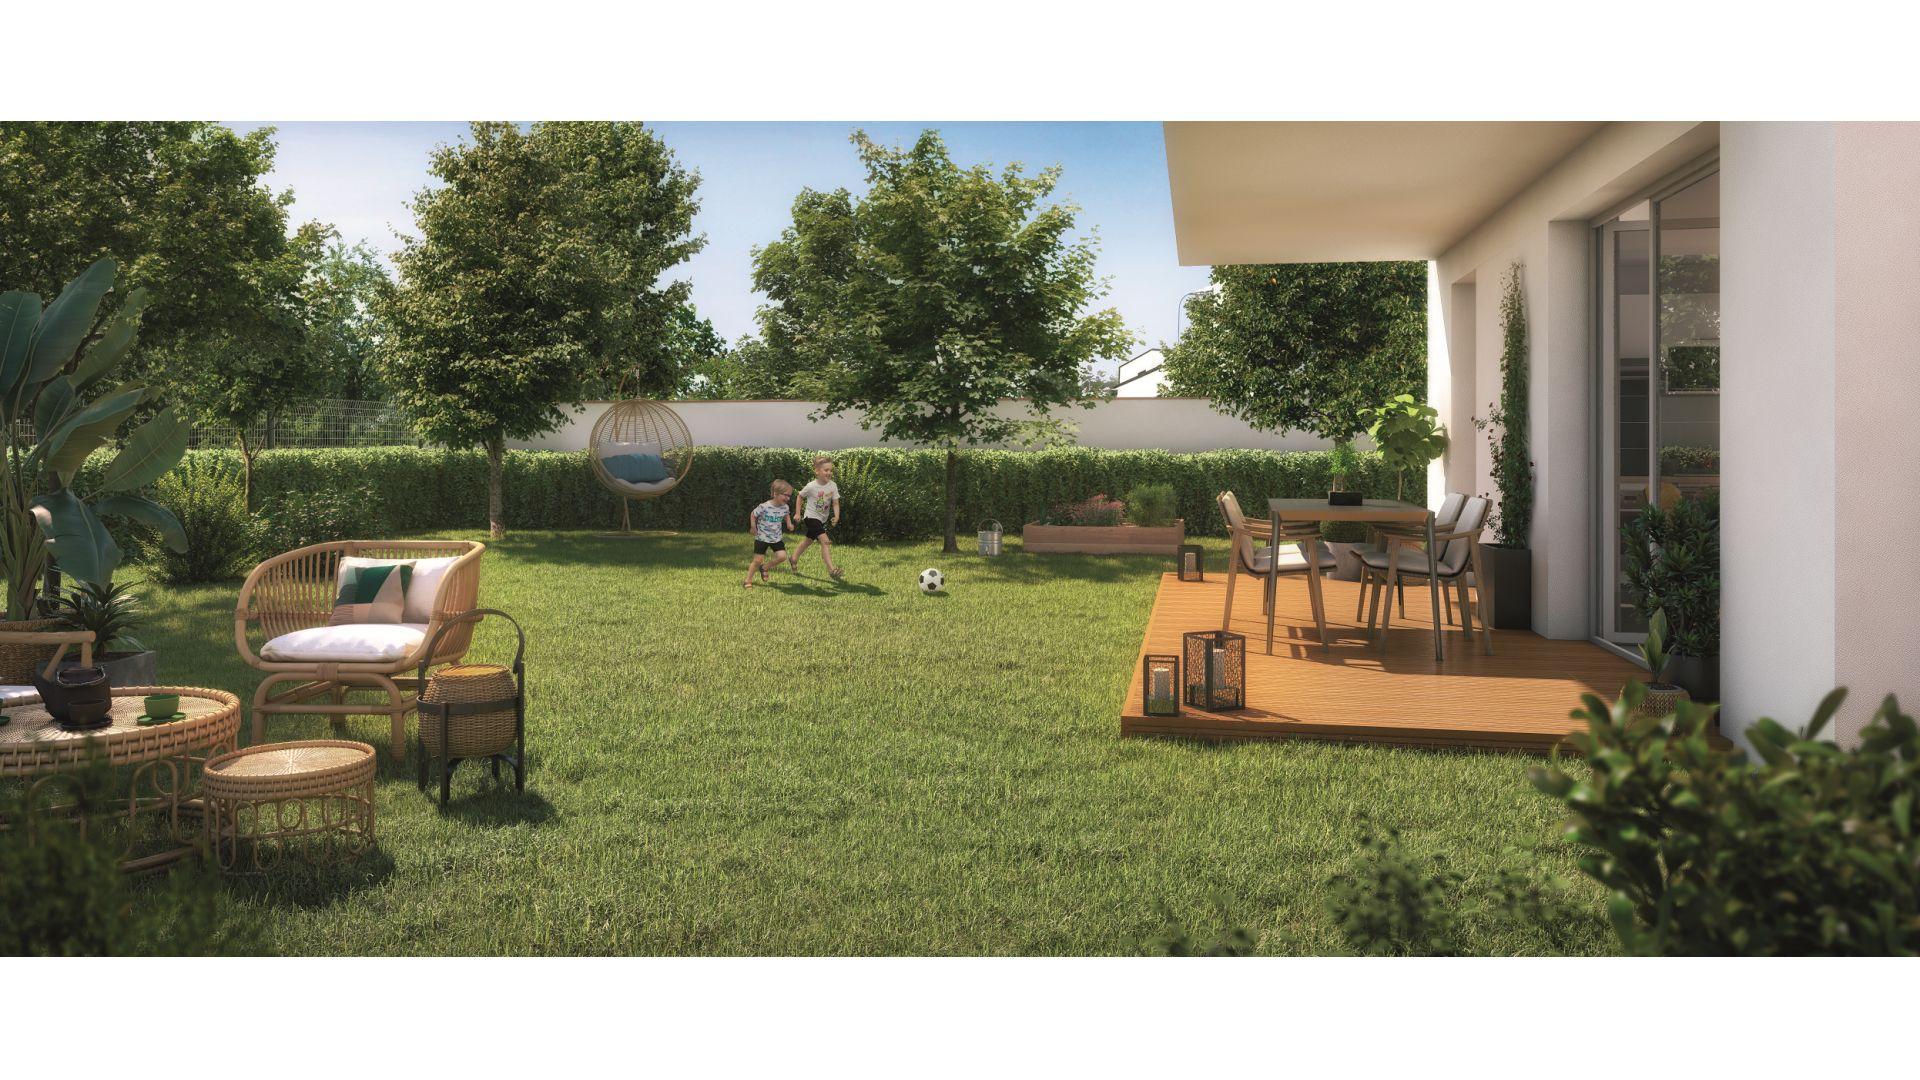 Greencity Immobilier - Hameau Dhuoda - achat appartements neufs du T2 au T3 - 31100 Toulouse Saint-Simon - vue terrasse